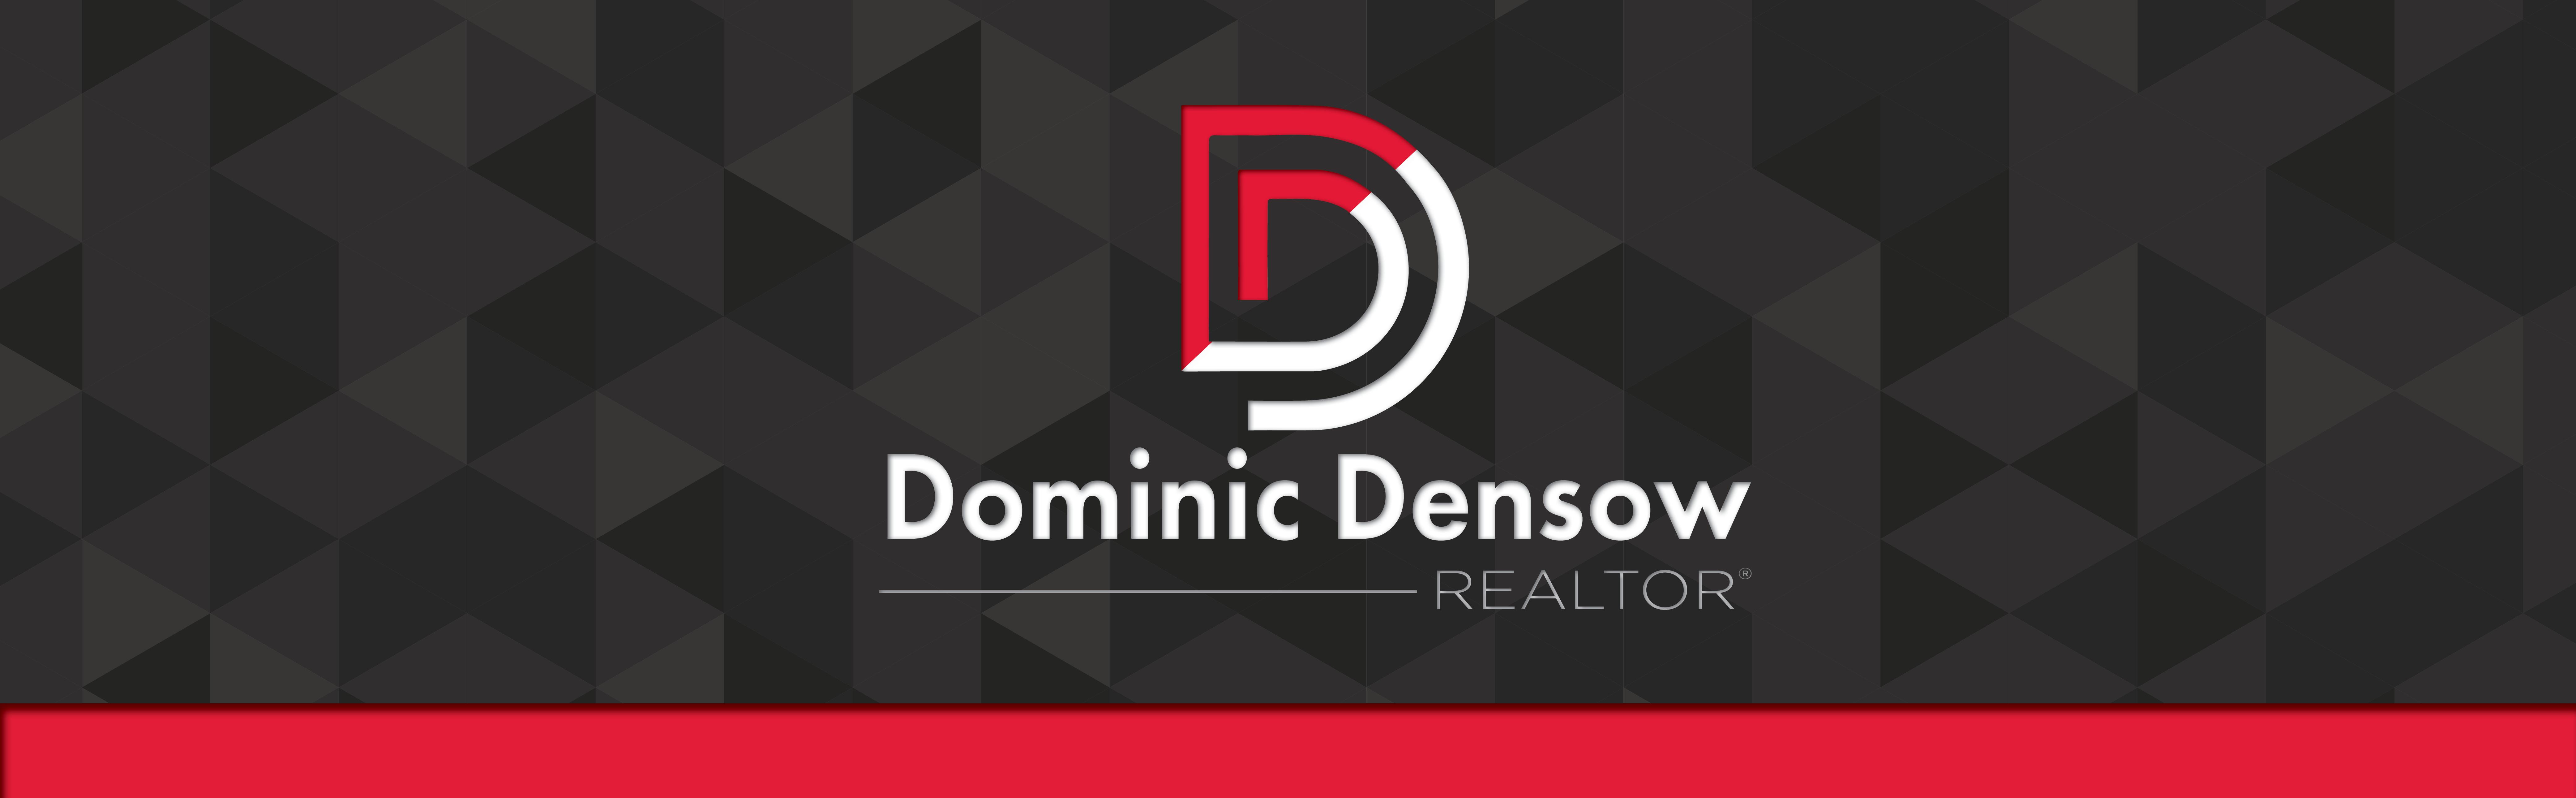 Dominic Densow